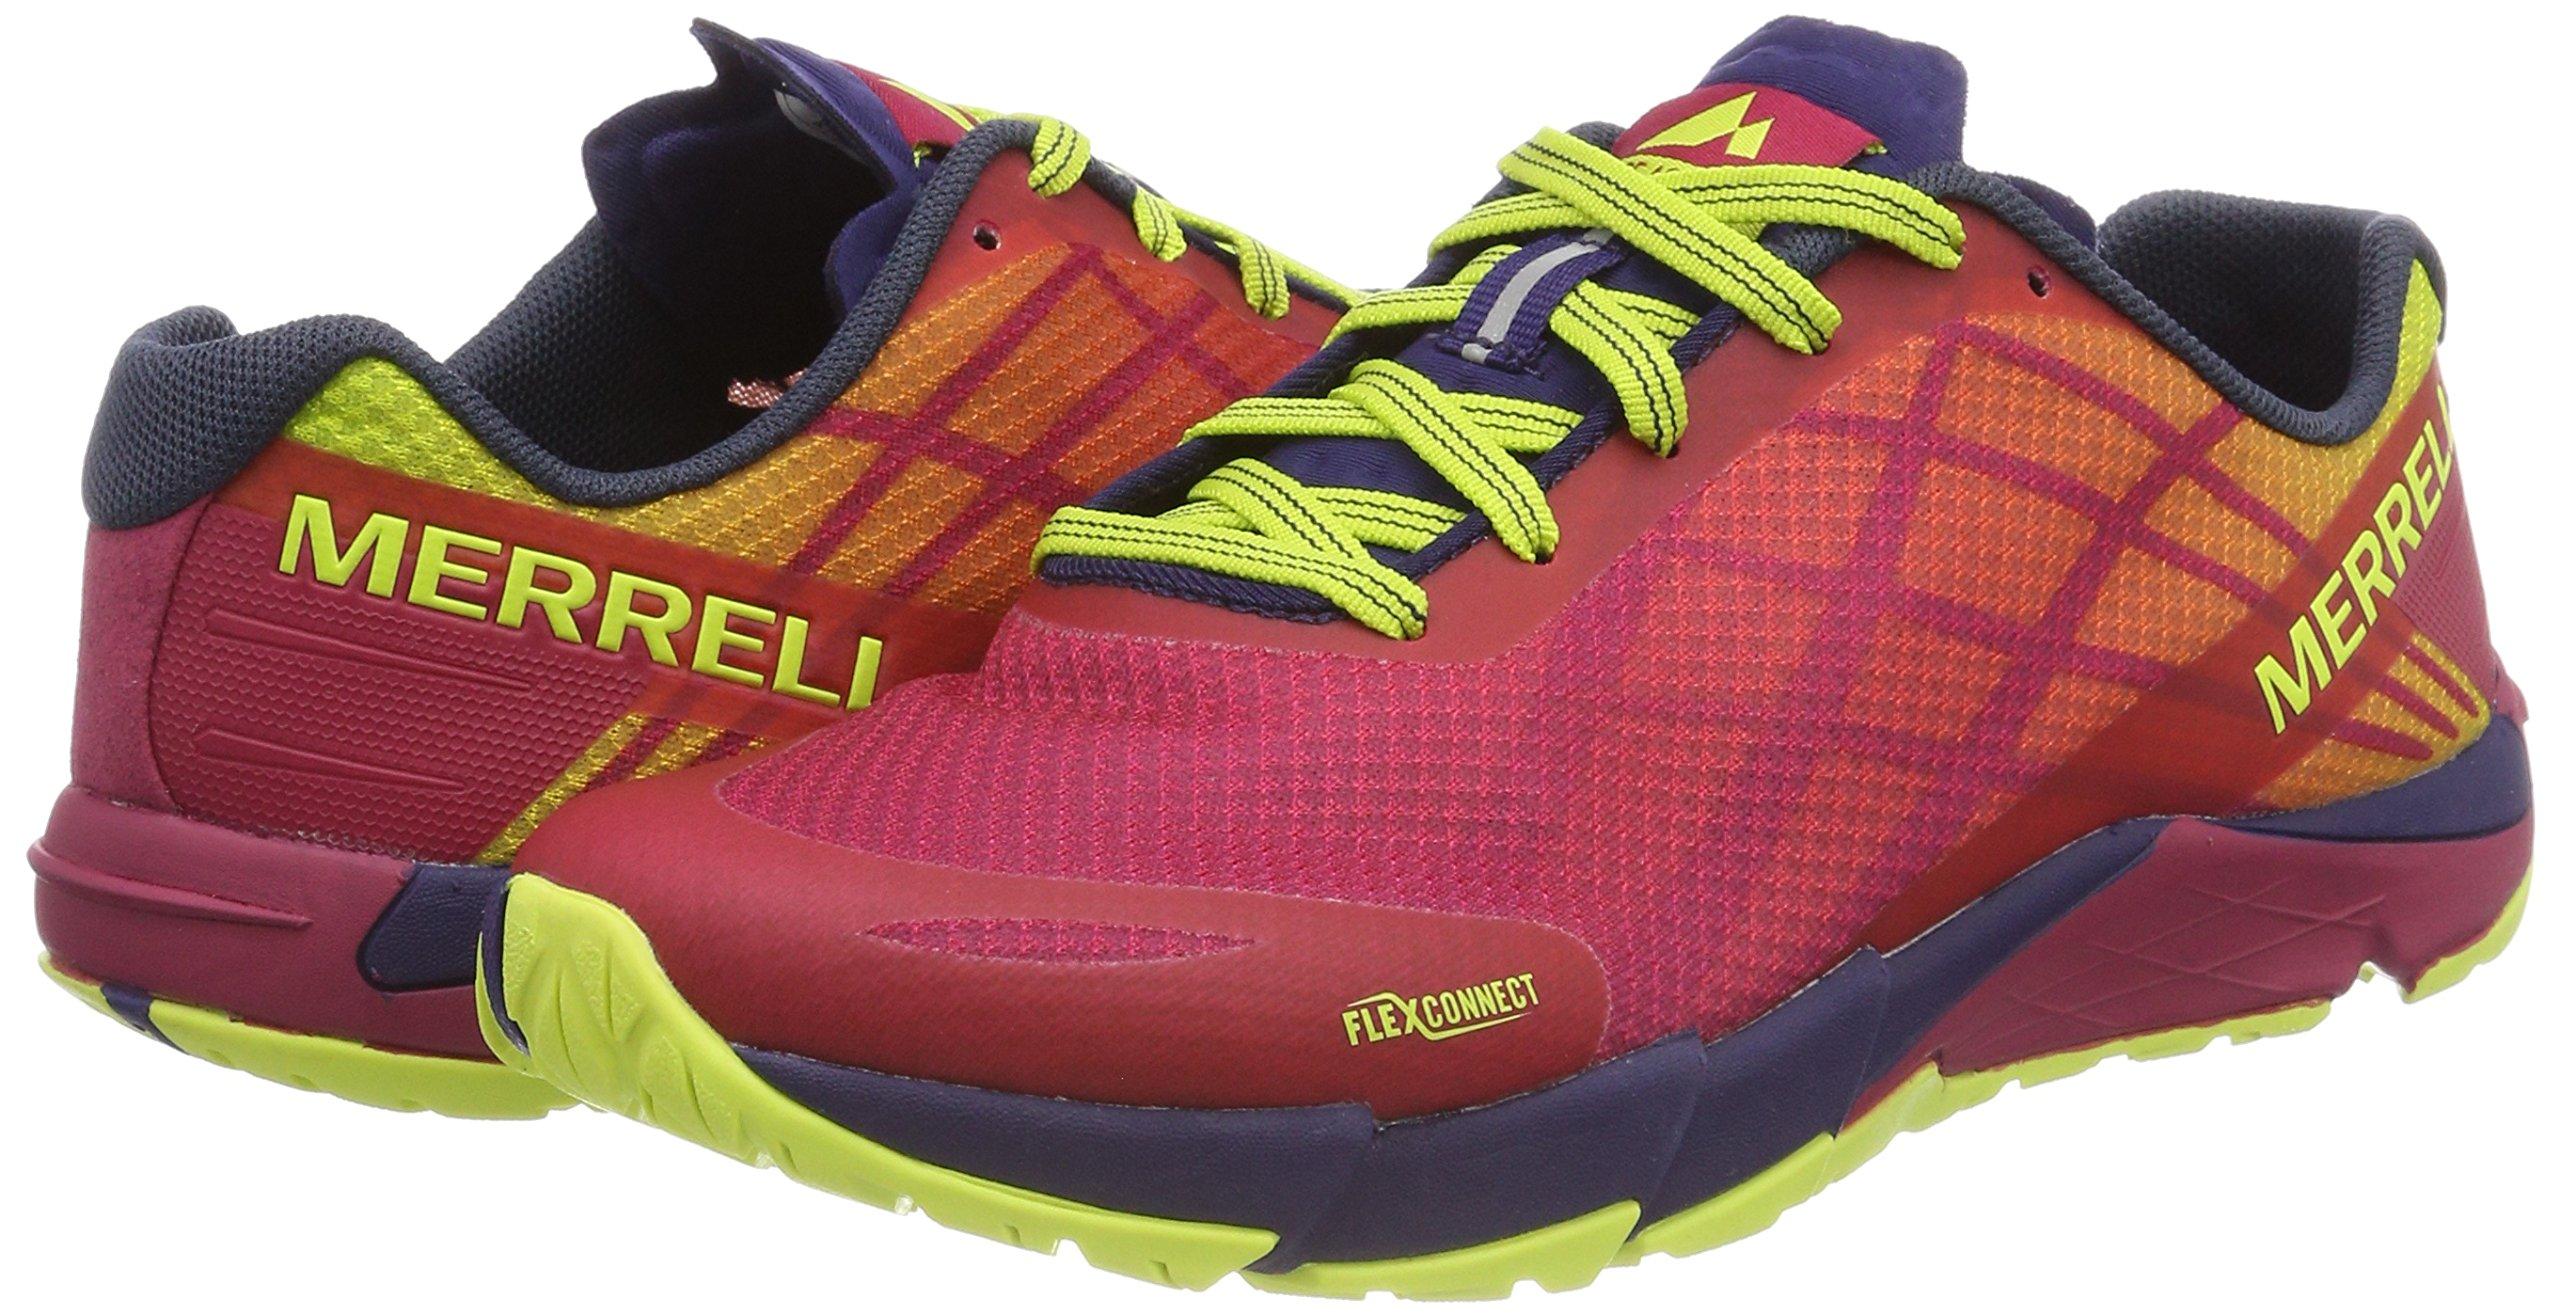 81mgGh0KlUL - Merrell Women's Bare Access Flex Trail Runner